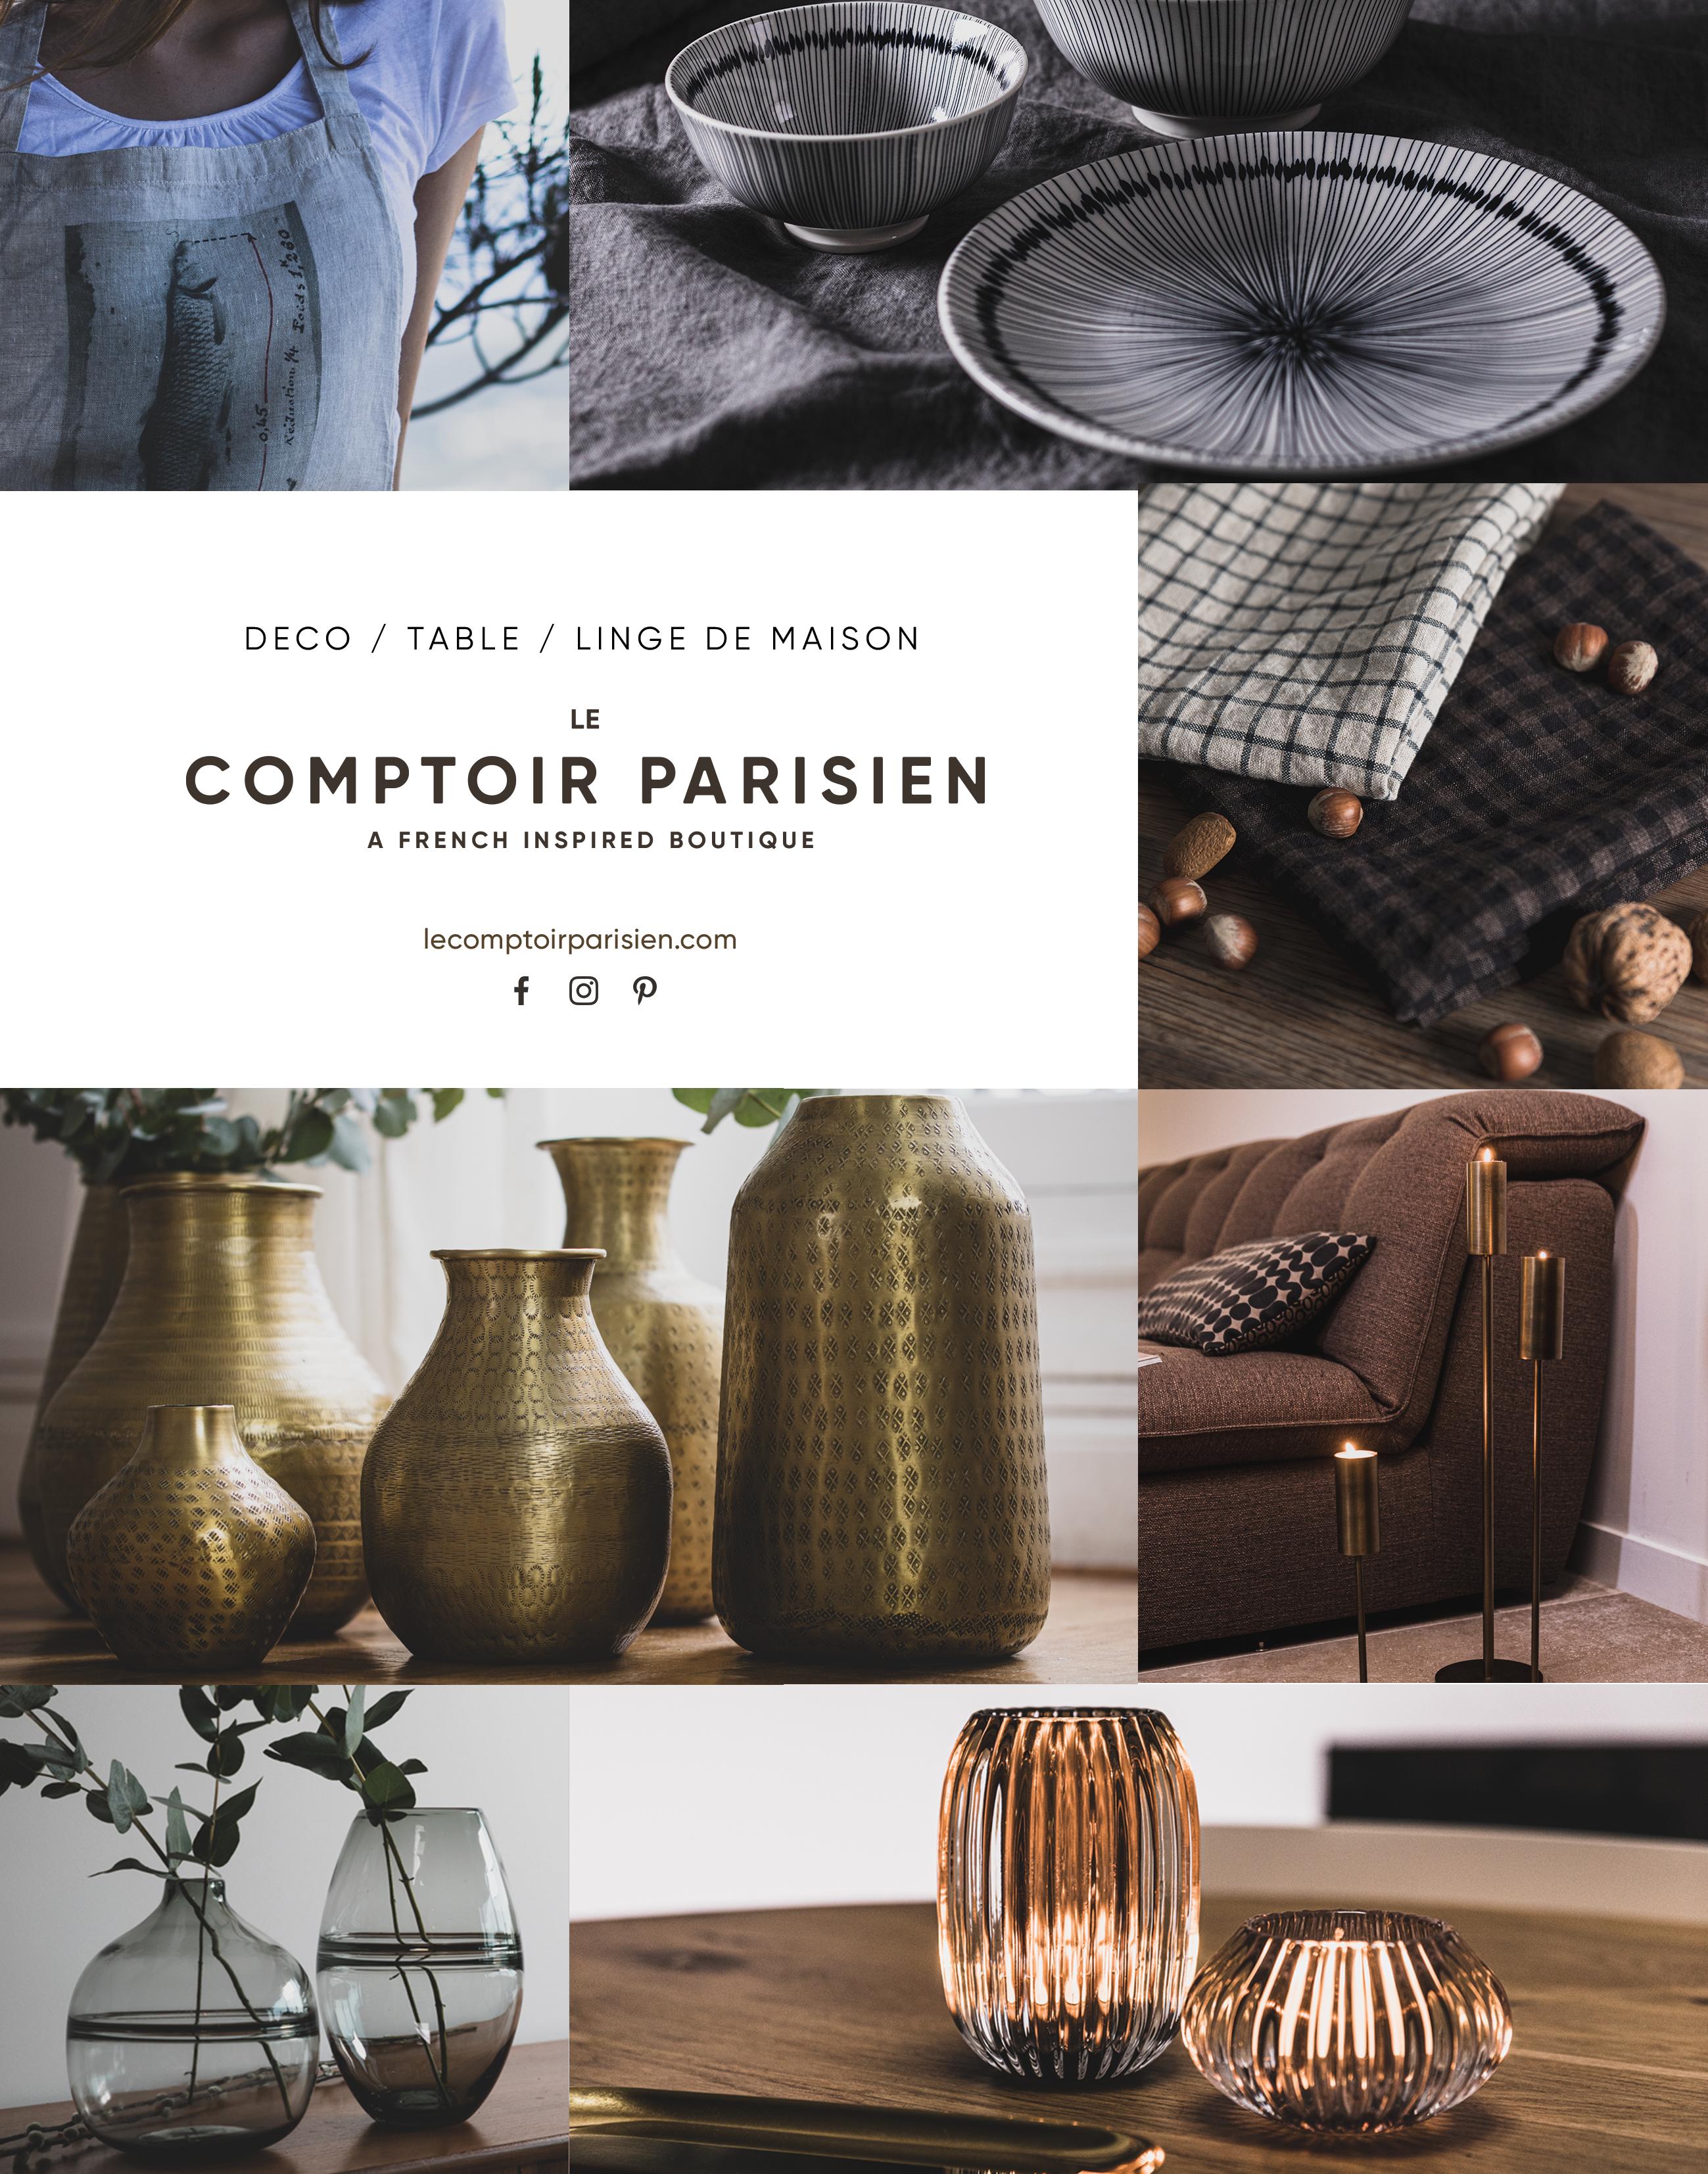 Le Comptoir Parisien